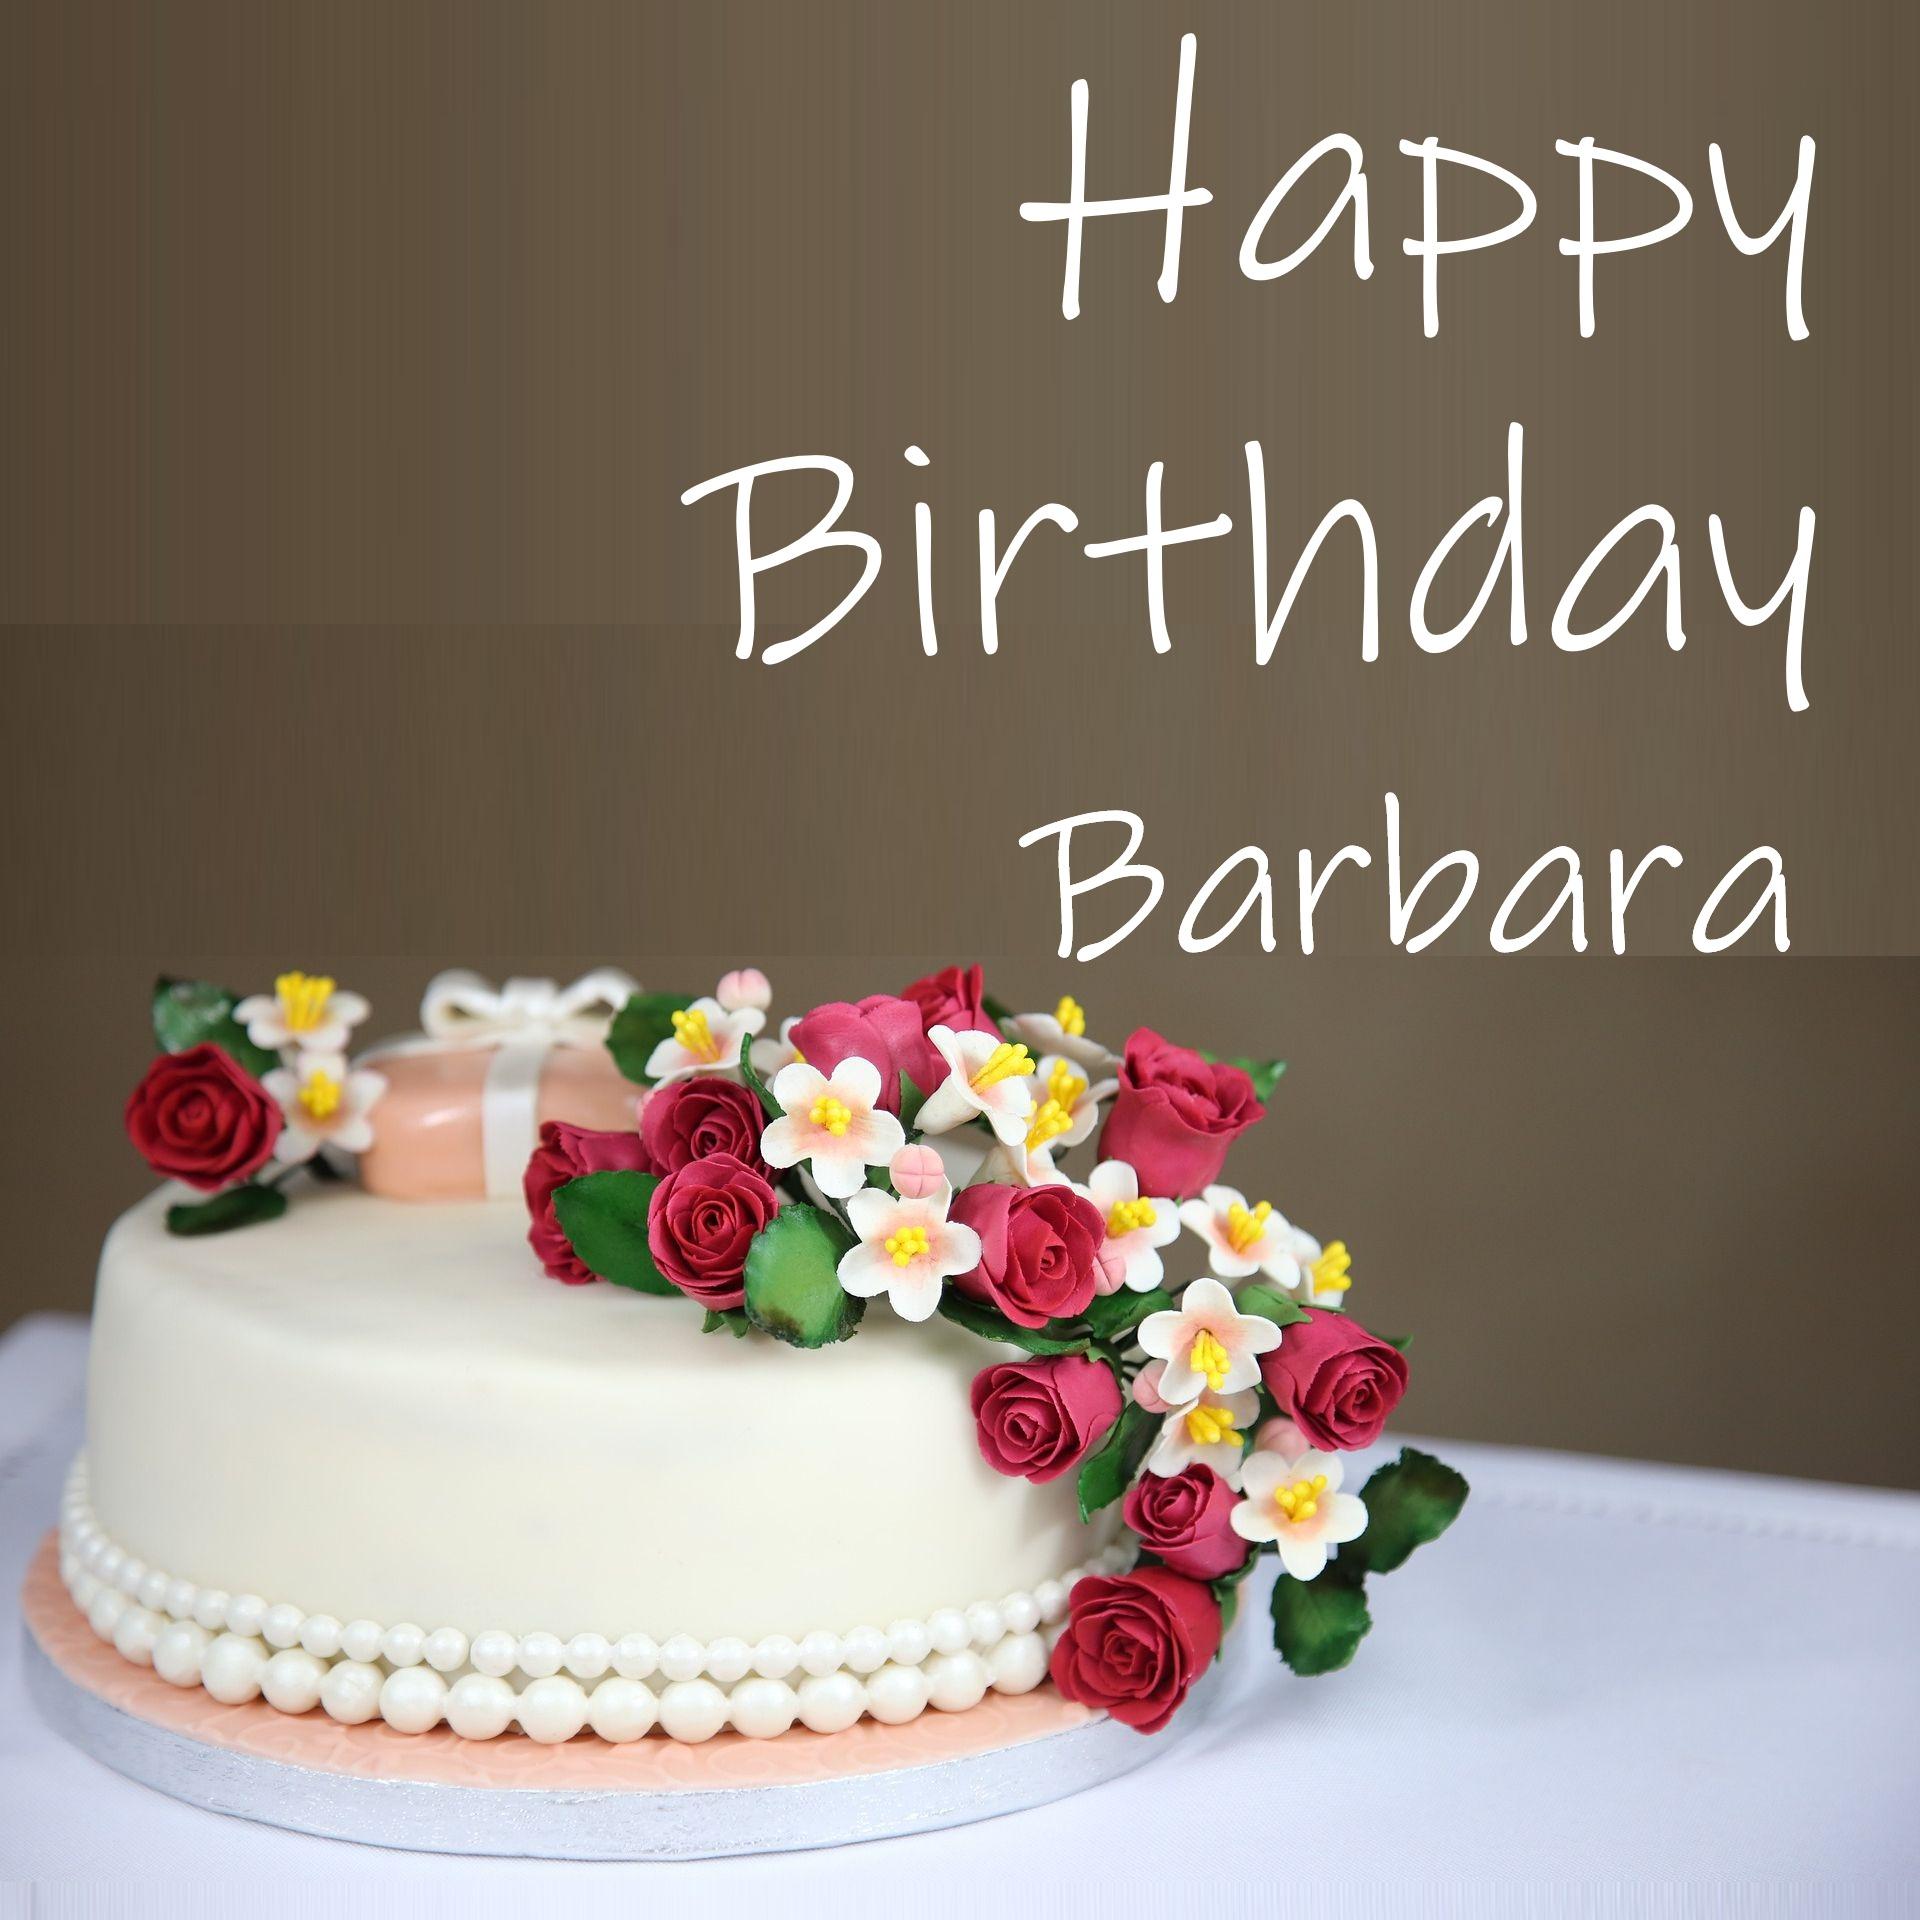 50 Best Geburtstag Bilder Fur Barbara Sofort Download Wishiy Com